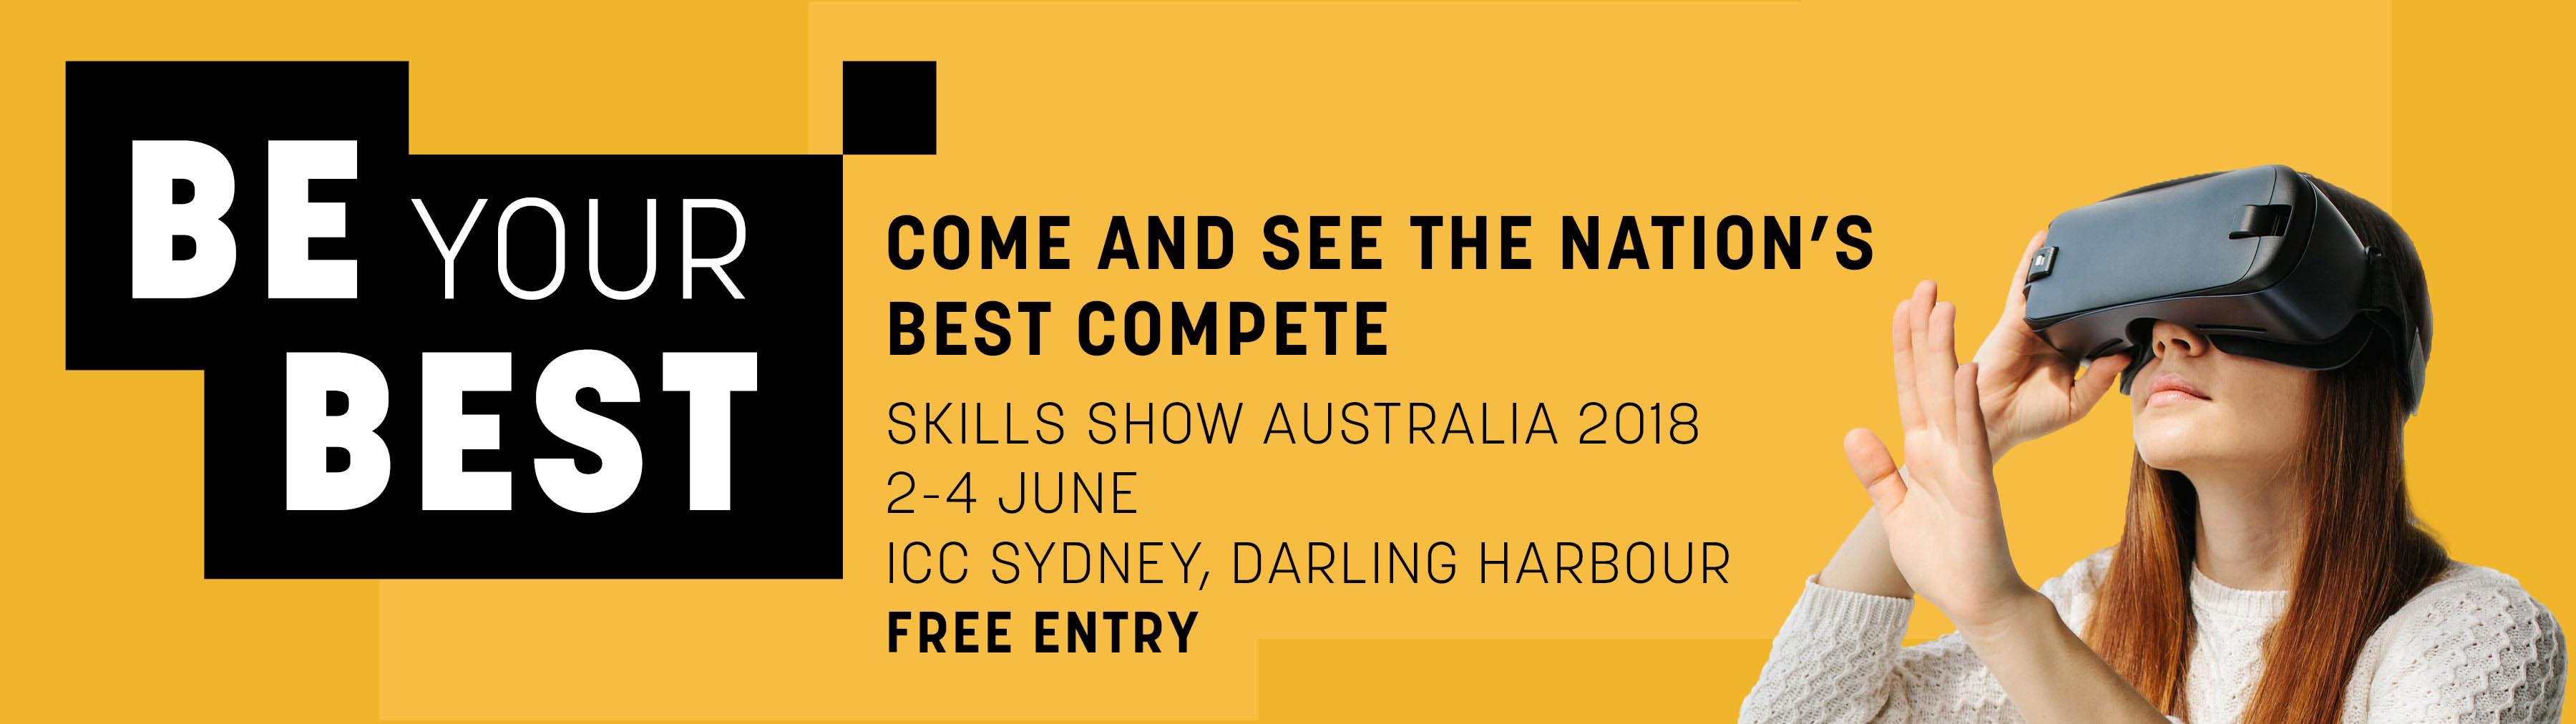 Skills Show Australia 2018